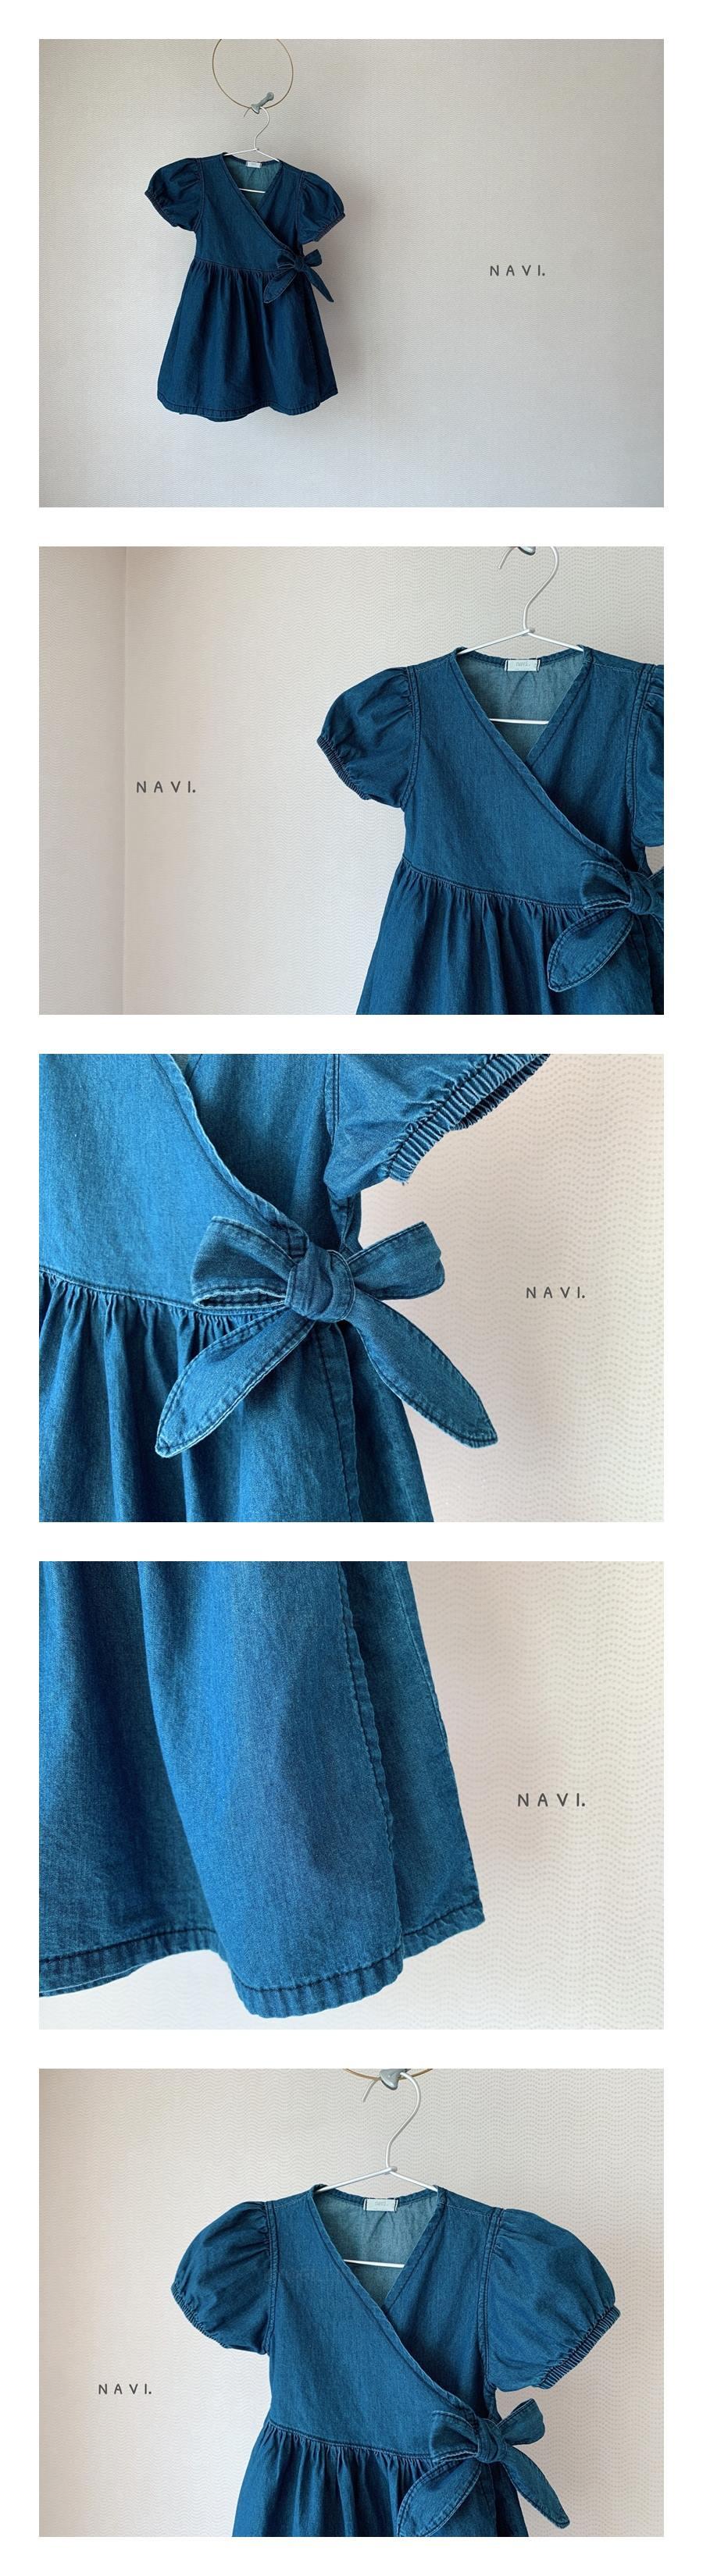 NAVI - Korean Children Fashion - #Kfashion4kids - Wrap One-piece